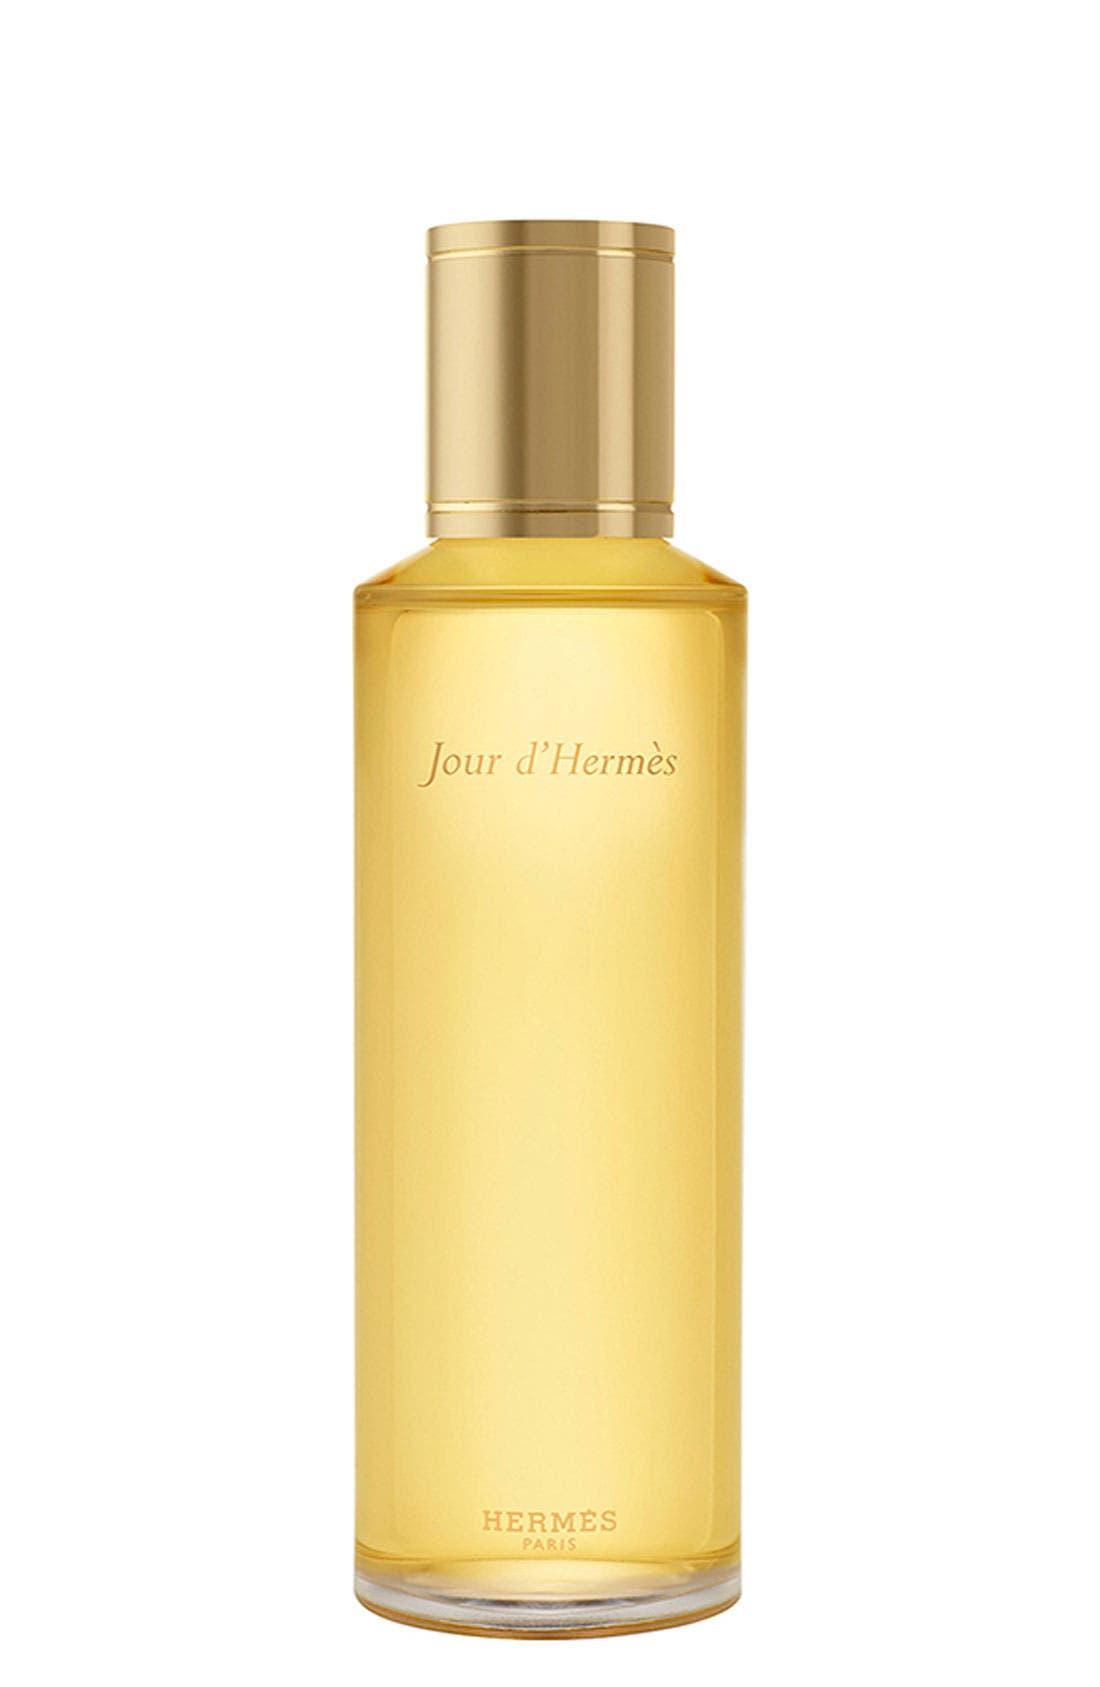 Jour d'Hermès - Eau de parfum,                             Main thumbnail 1, color,                             NO COLOR